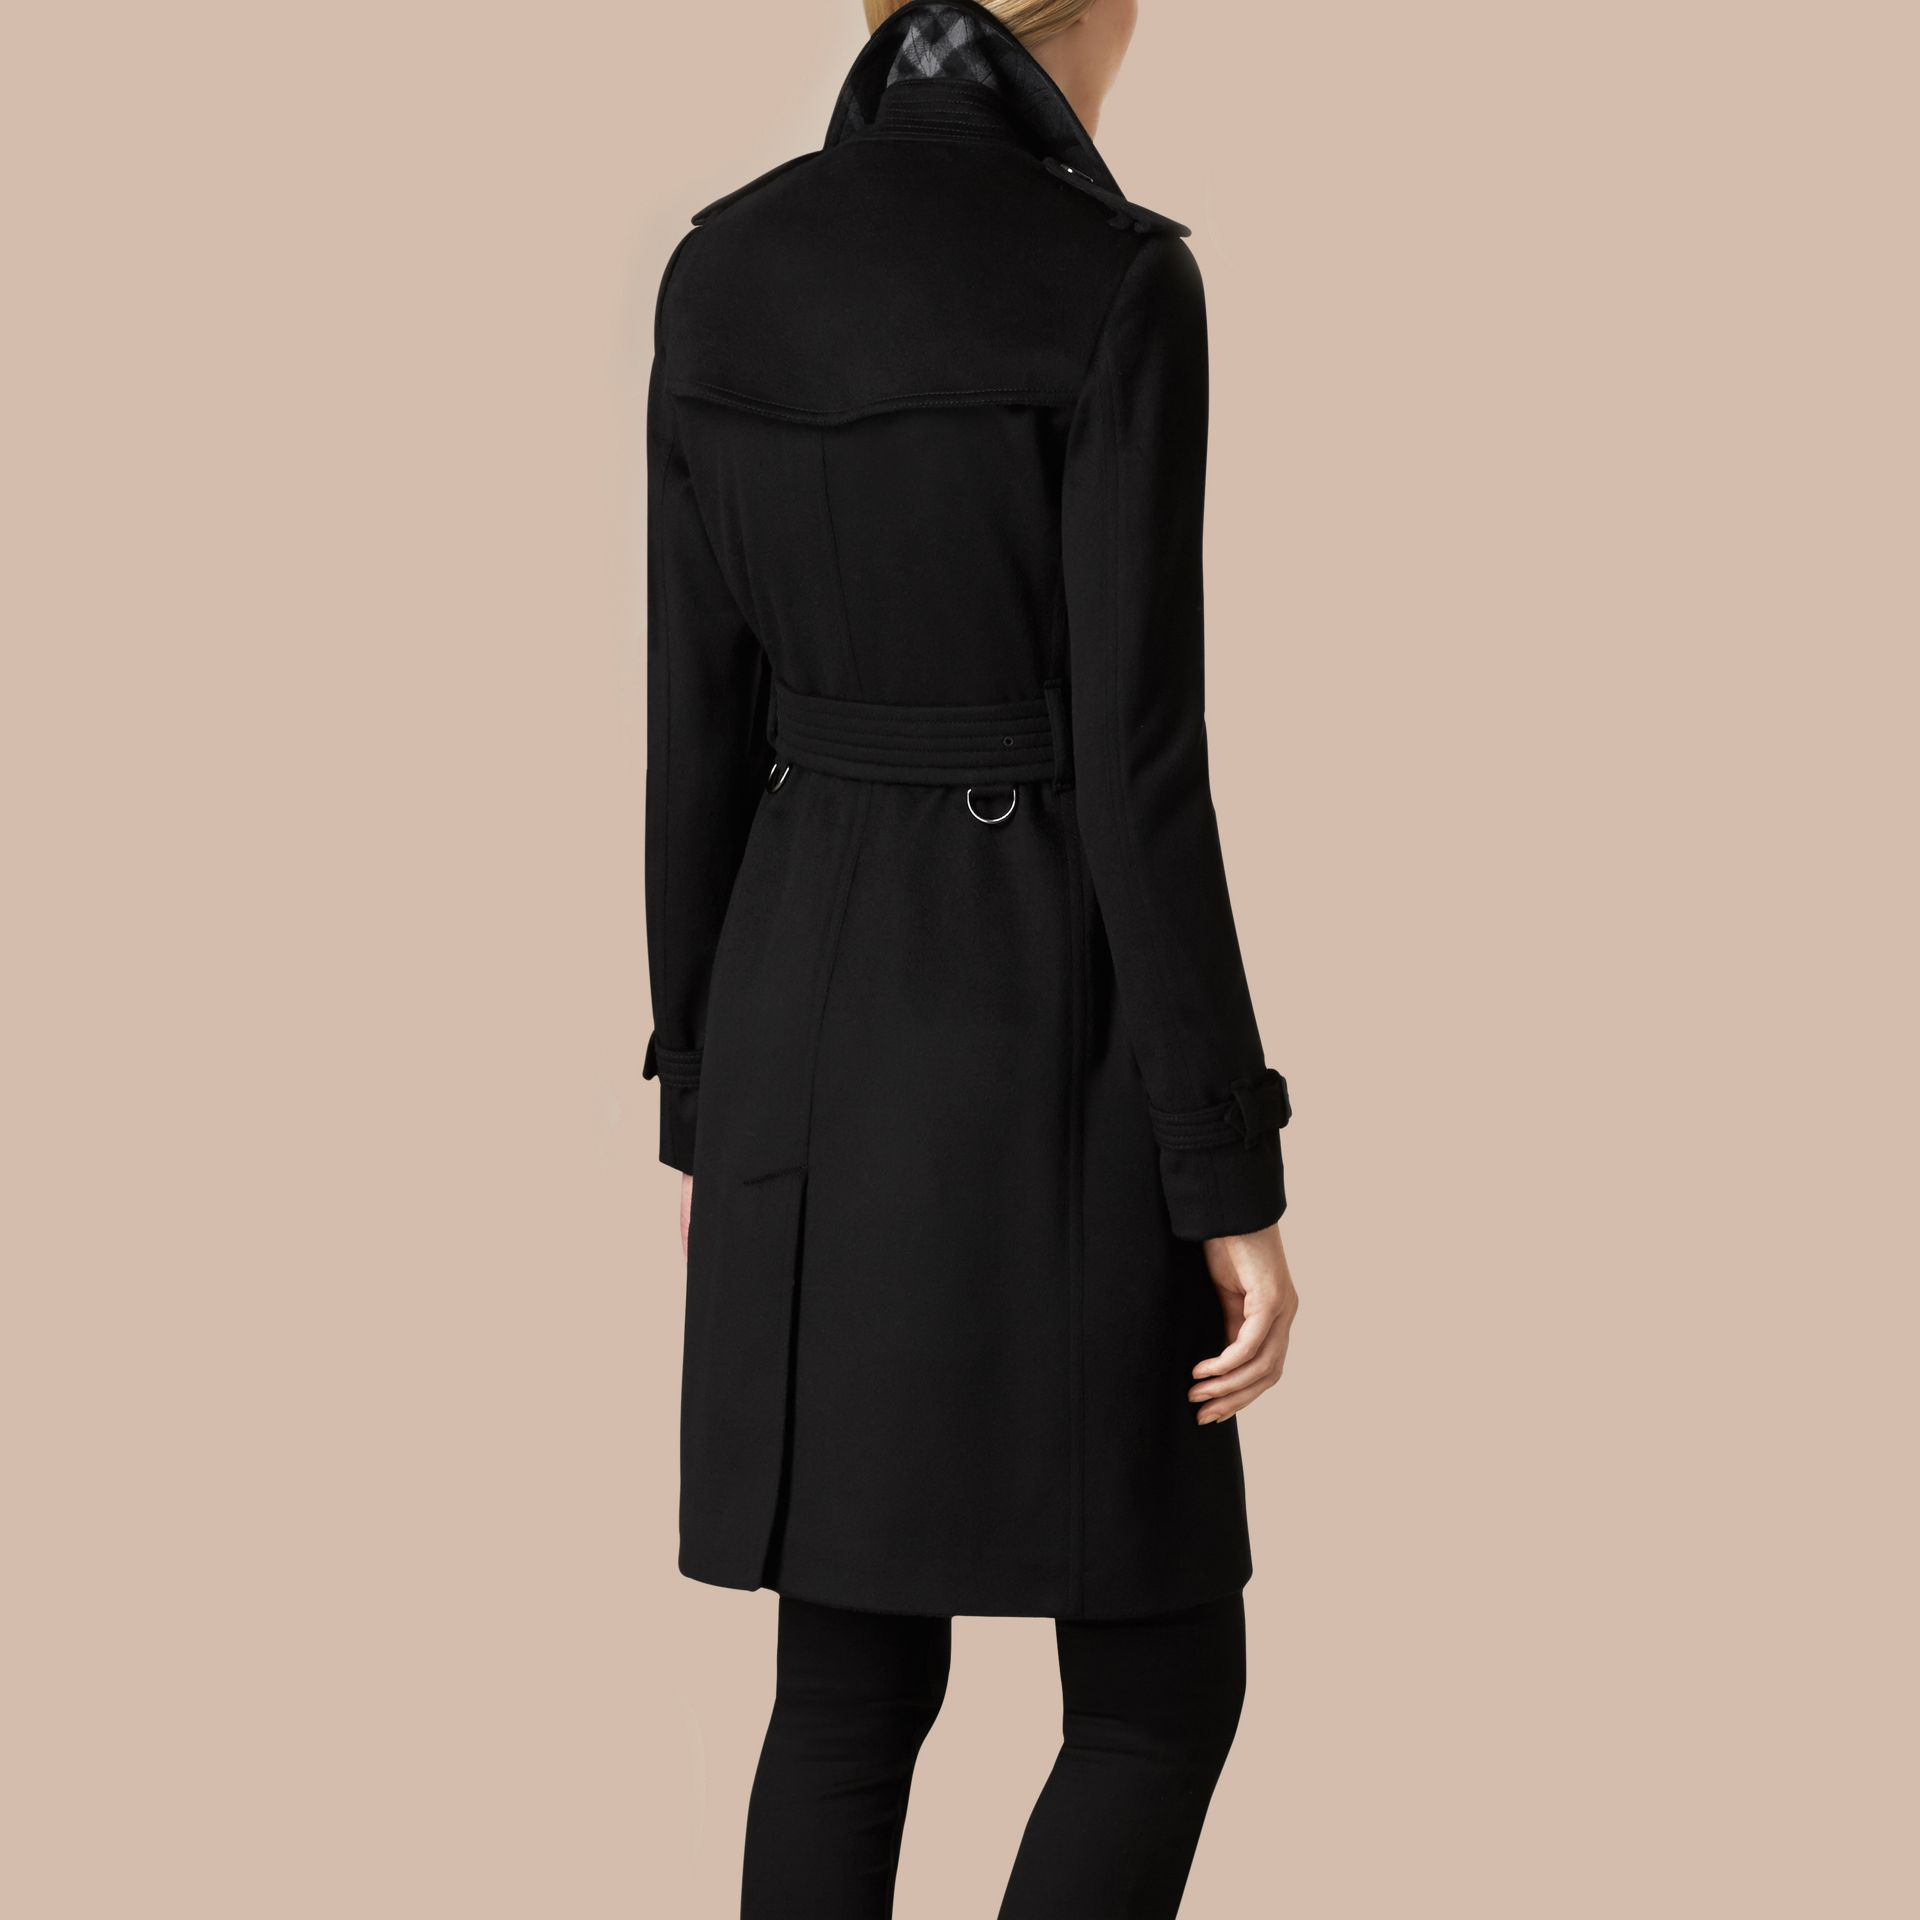 Nero Trench coat Kensington in cashmere Nero - immagine della galleria 4